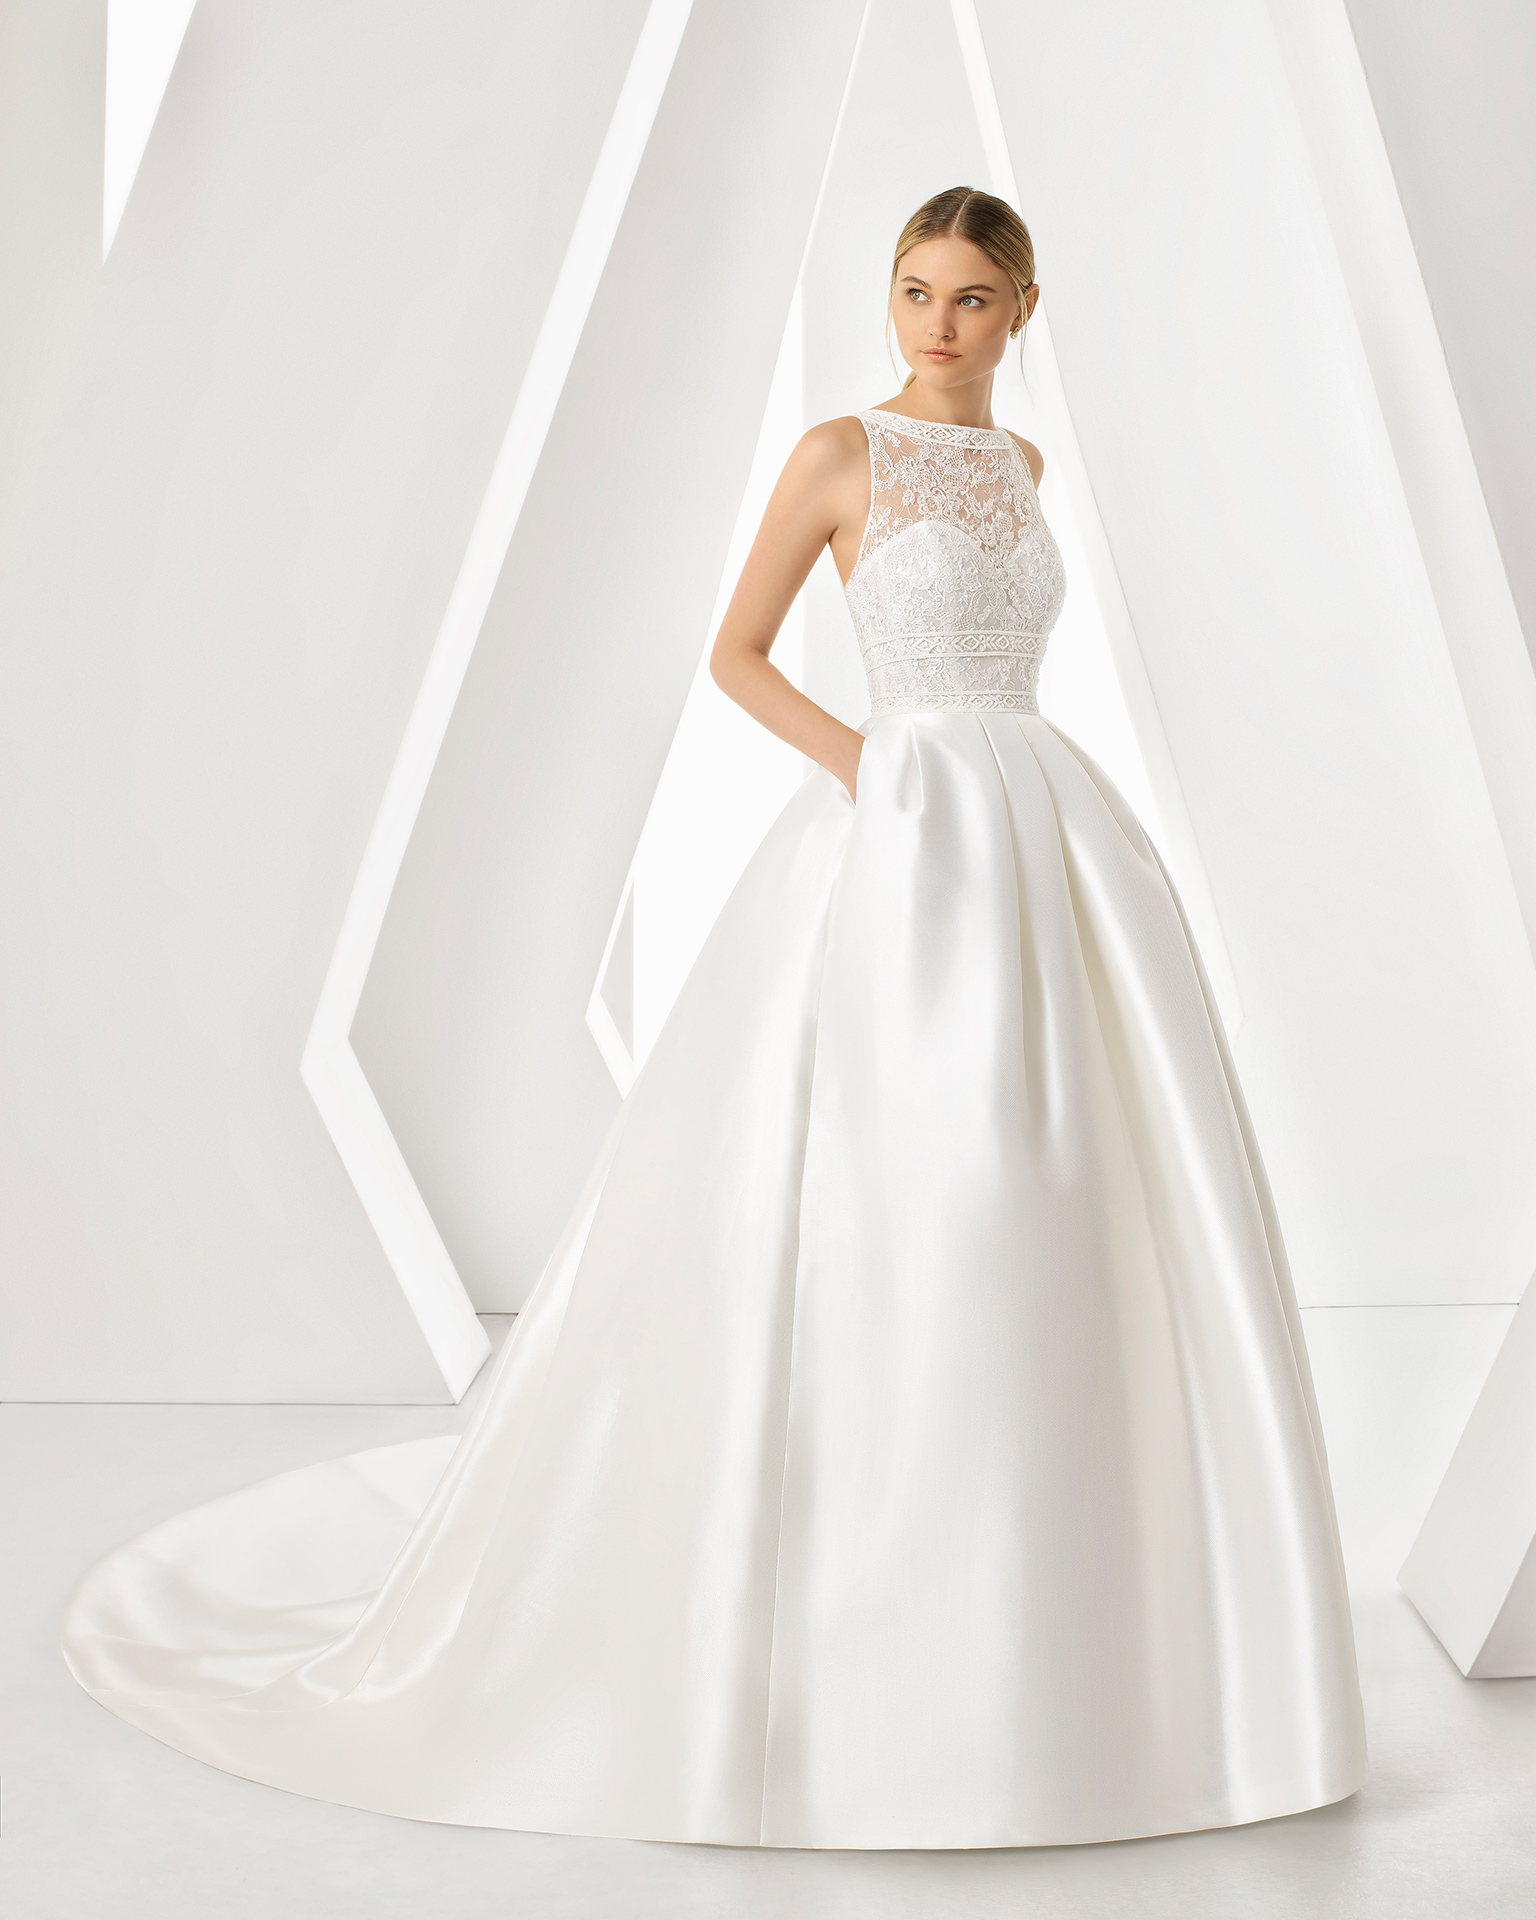 ESTILO PRINCESA Rosa Clará modelo Dream - Tendências para vestidos de noiva em 2019